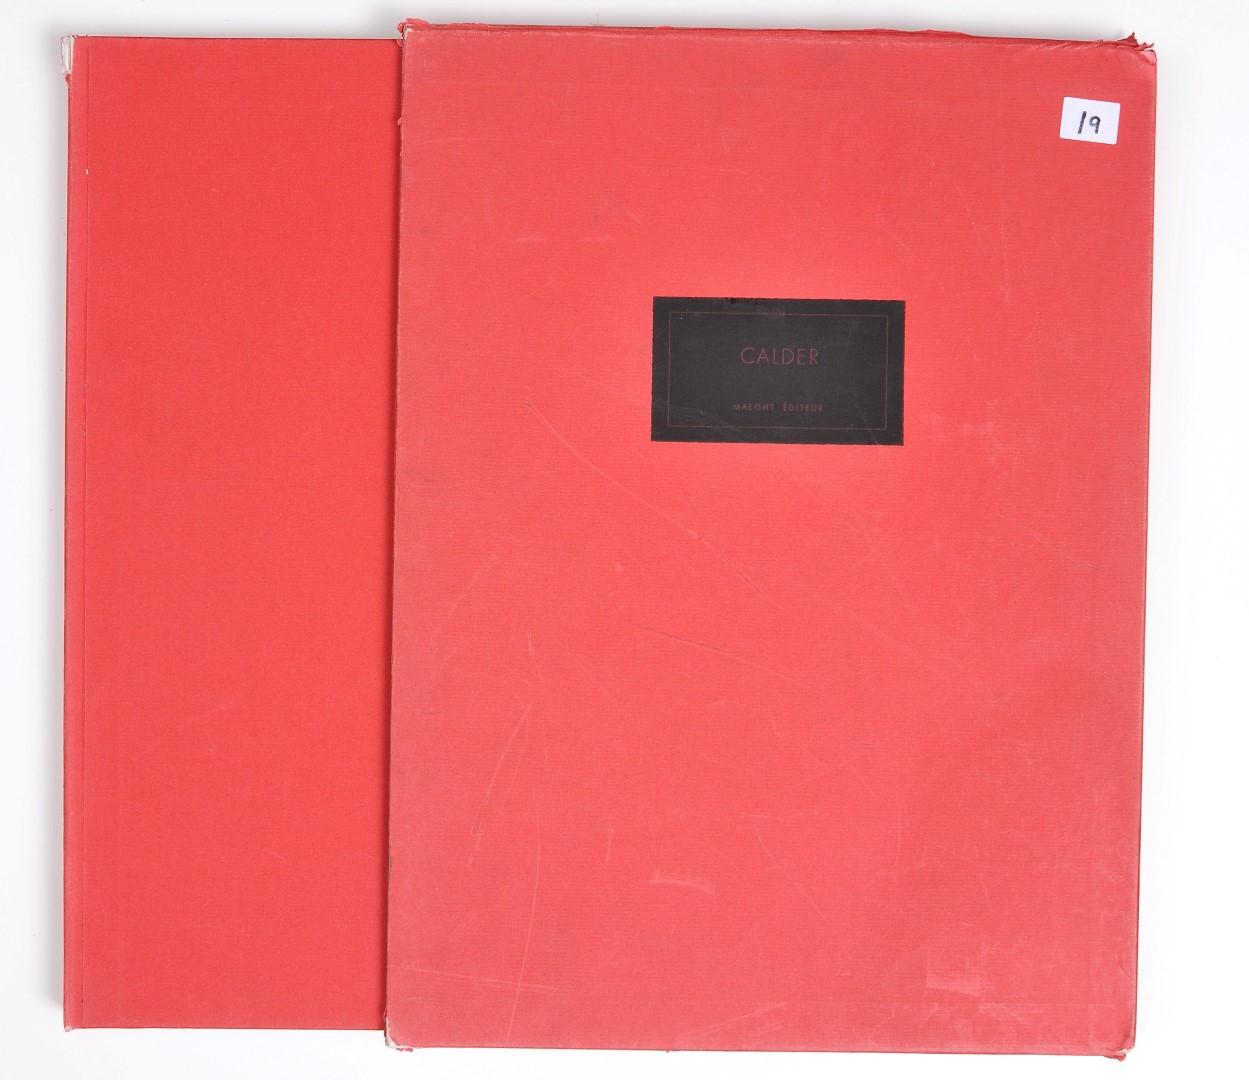 """5 Original Lithographs by Calder Exemplaire 33 """"Derriere le Miroir"""""""